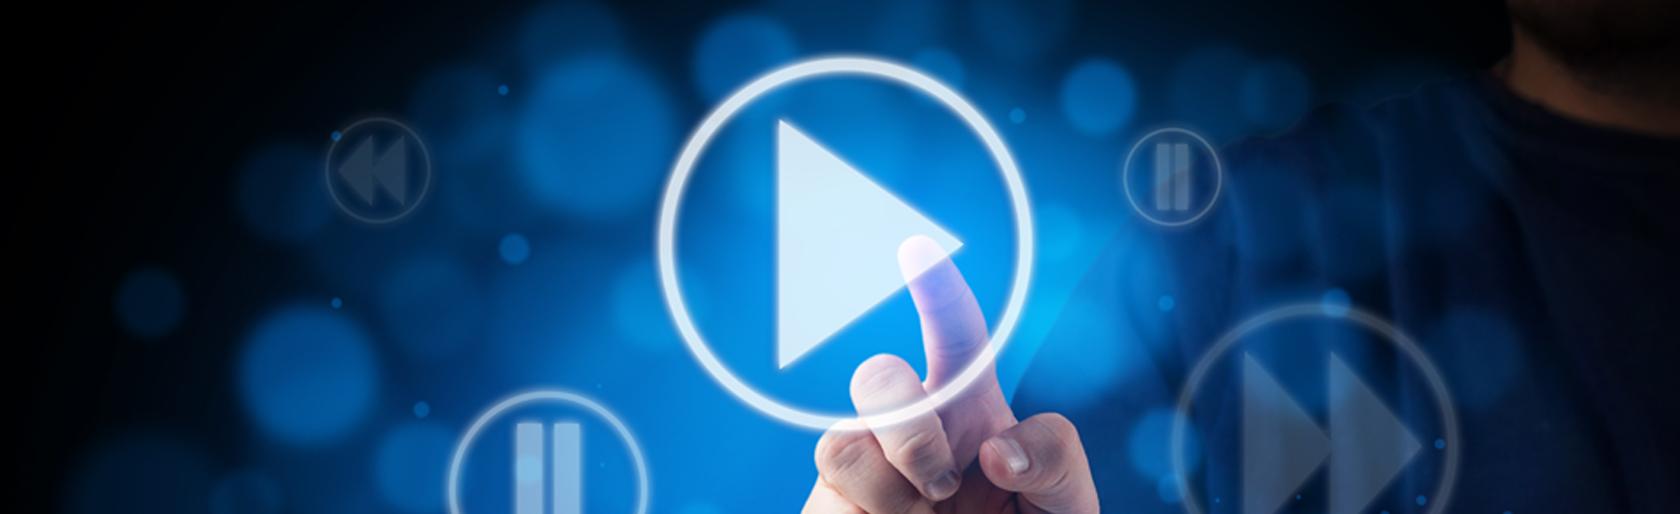 3 motivos para você usar apresentações com vídeos